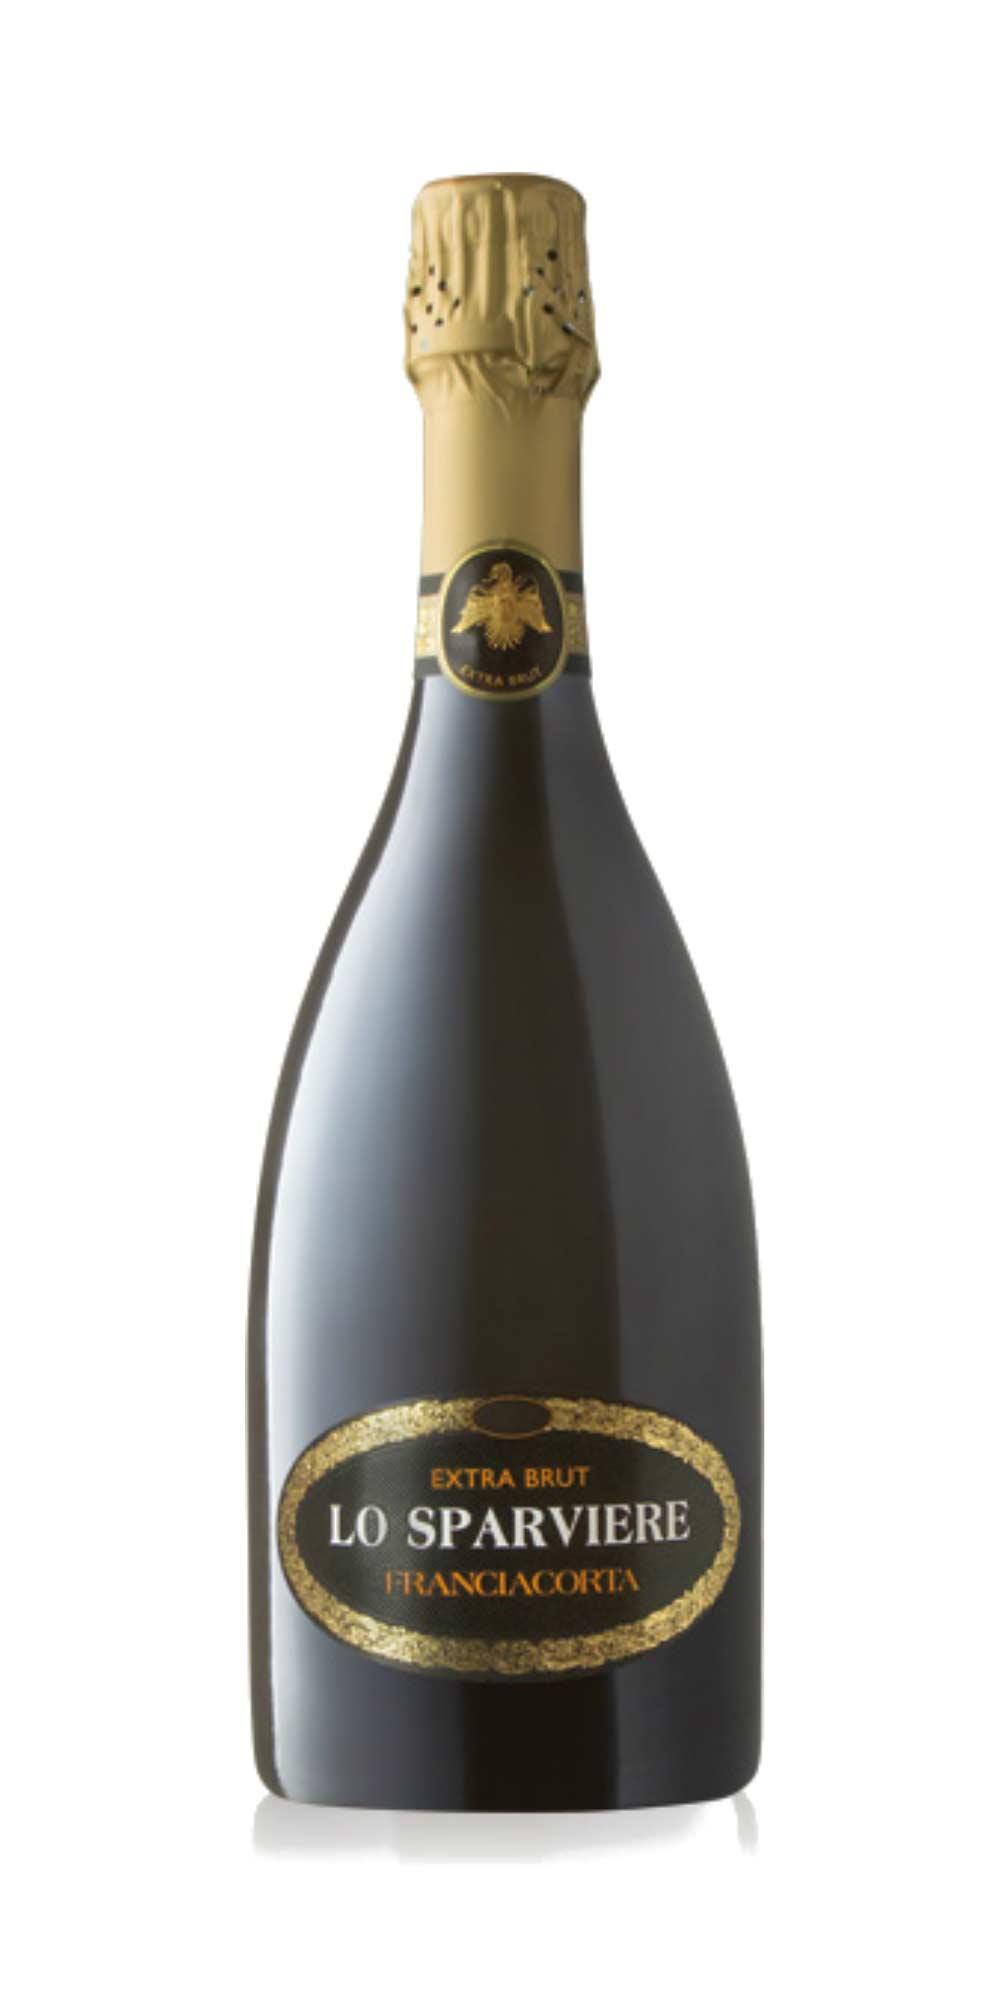 Franciacorta extra brut 2008 Lo Sparviere - Wine il vino